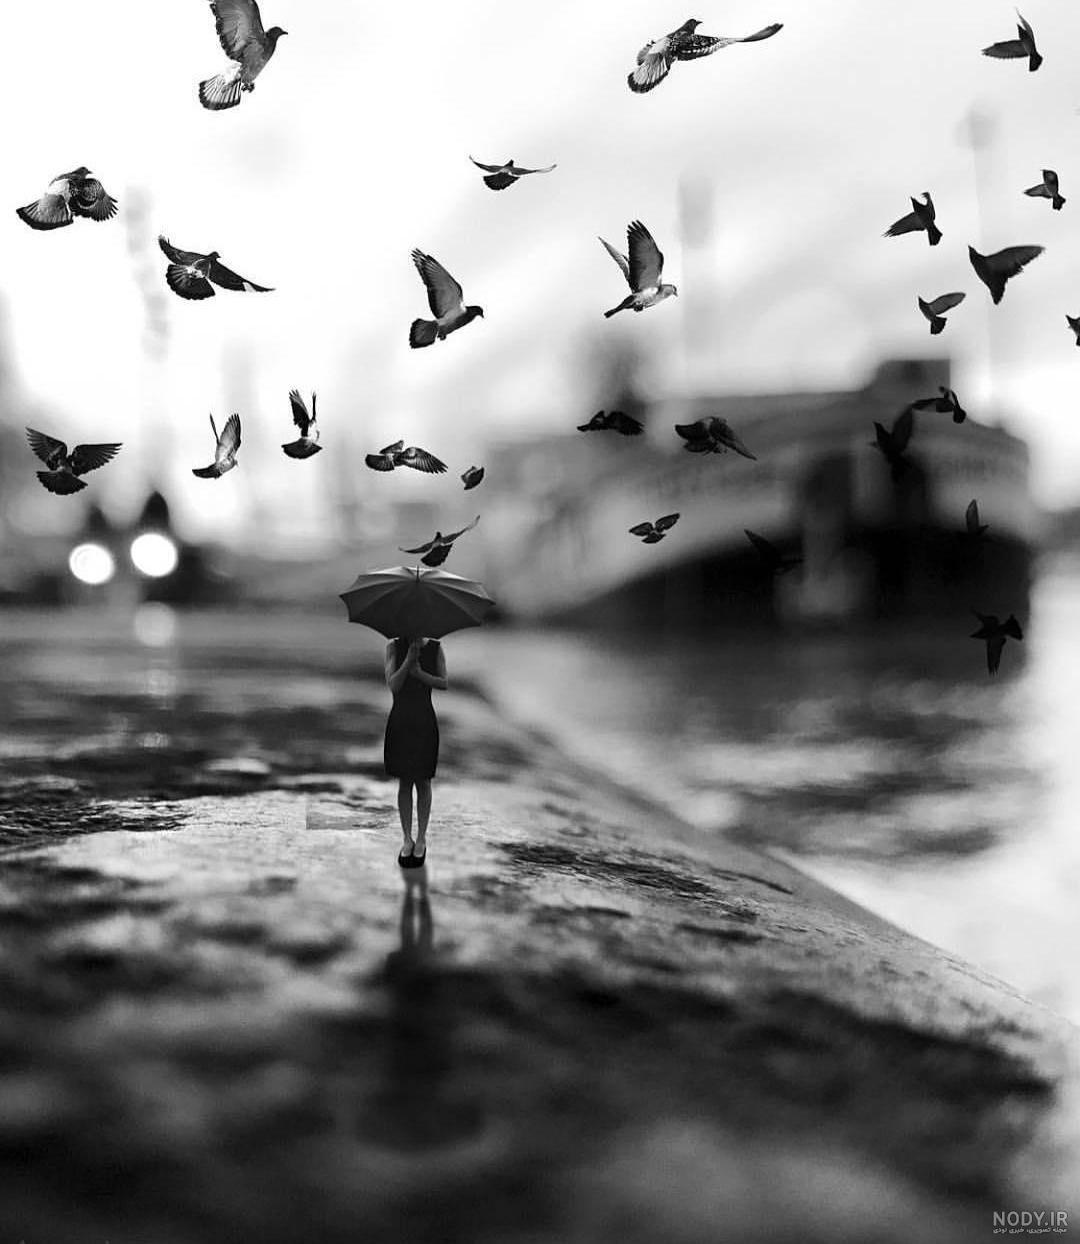 عکس سیاه و سفید غمگین